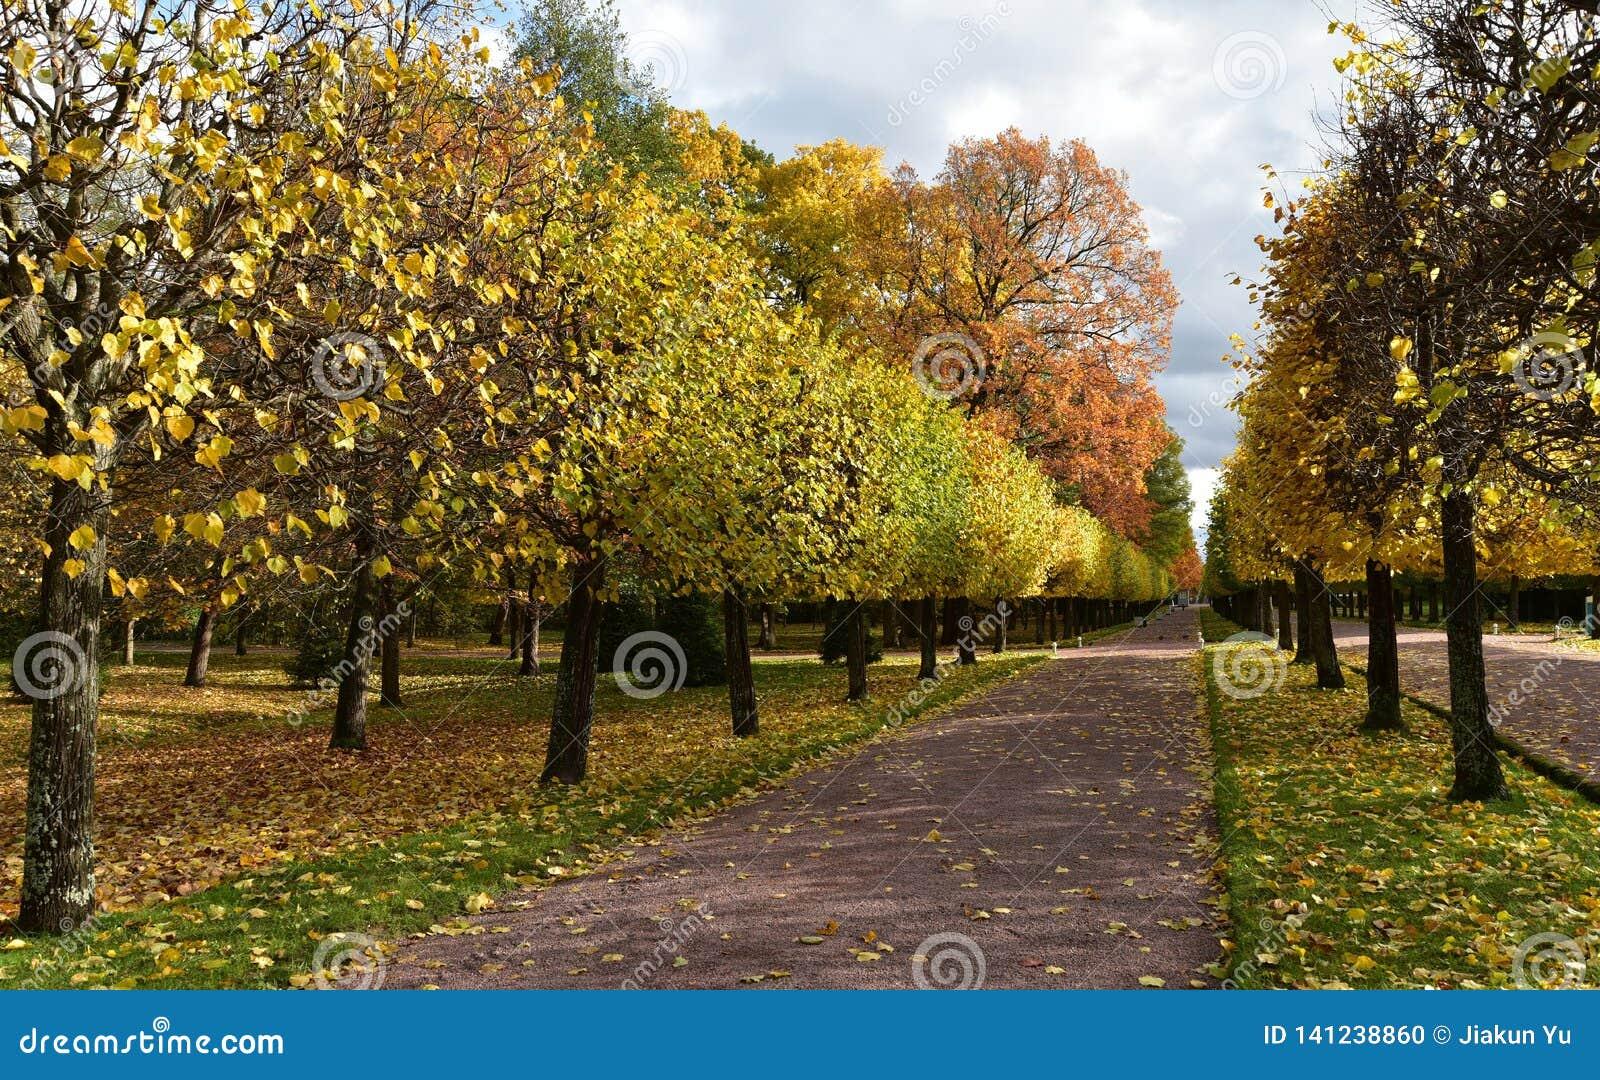 El camino con los árboles amarillos y rojos